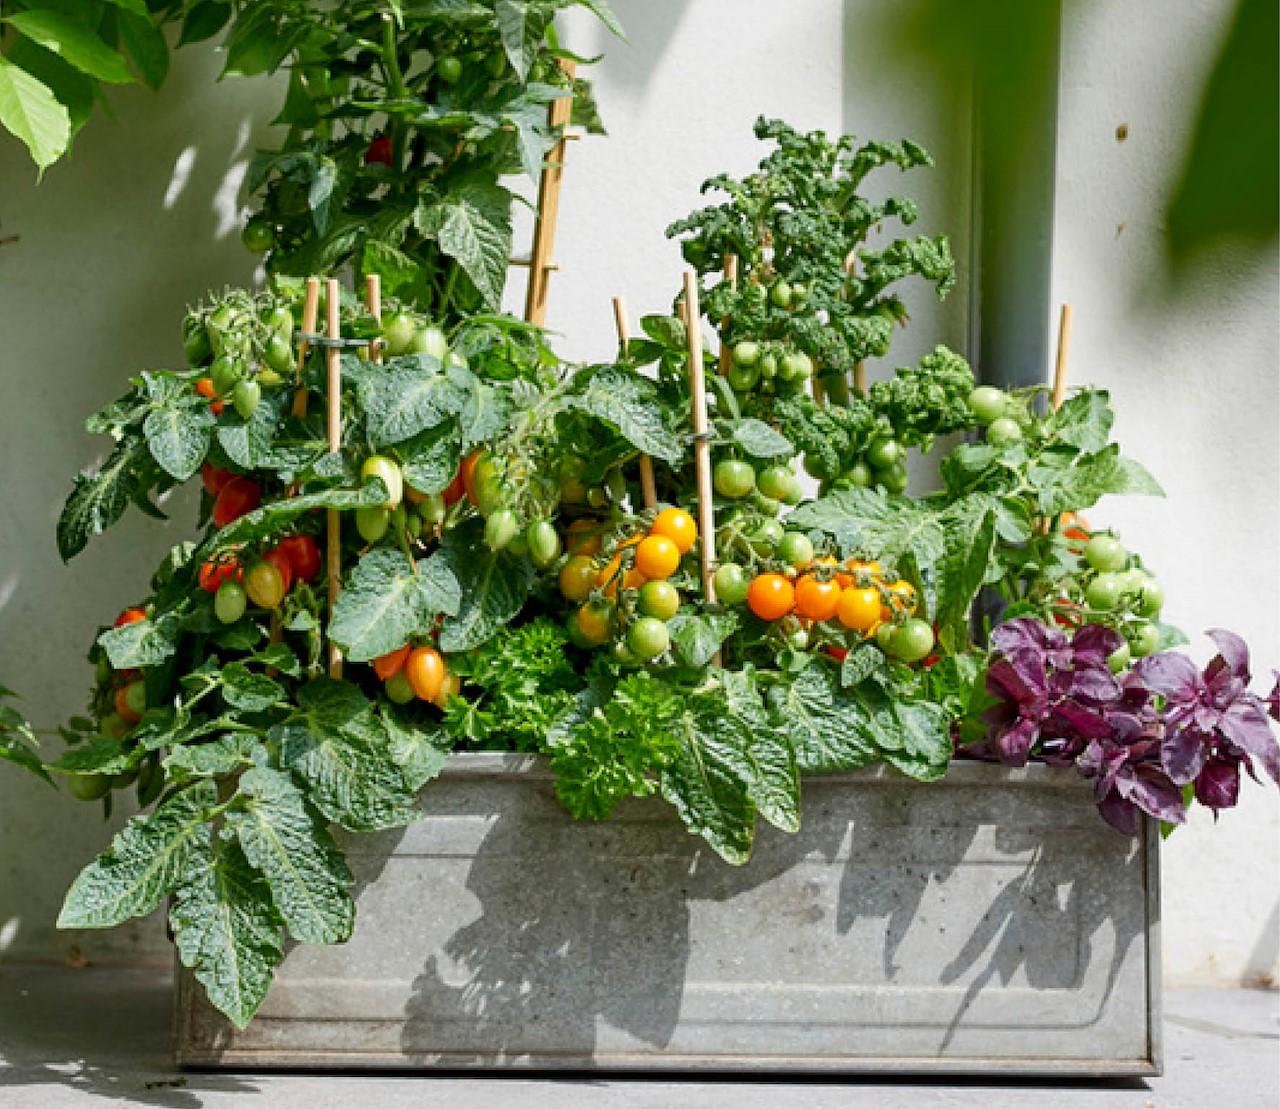 Wat dacht je van groenteplanten op je terras?